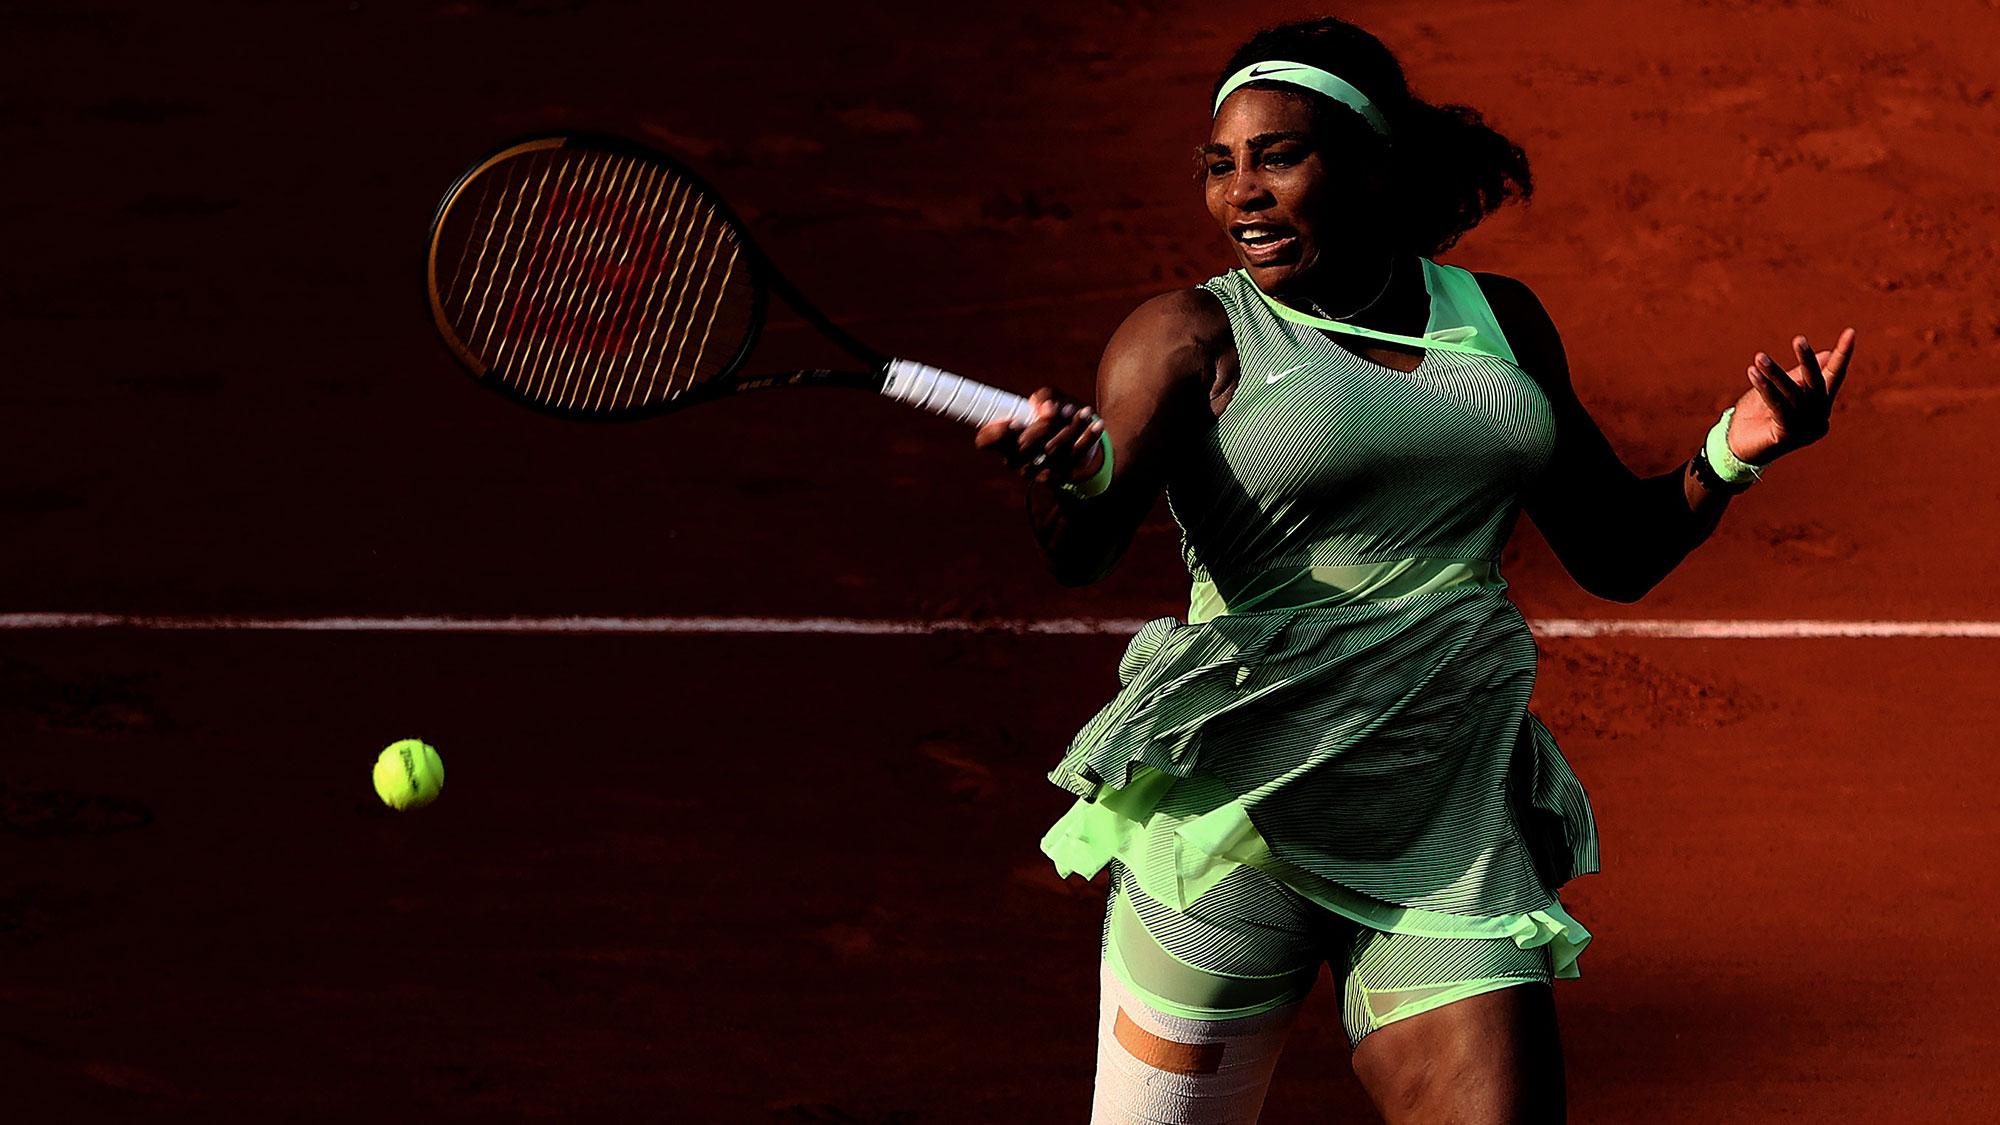 Serena Williams stunned by Elena Rybakina at French Open